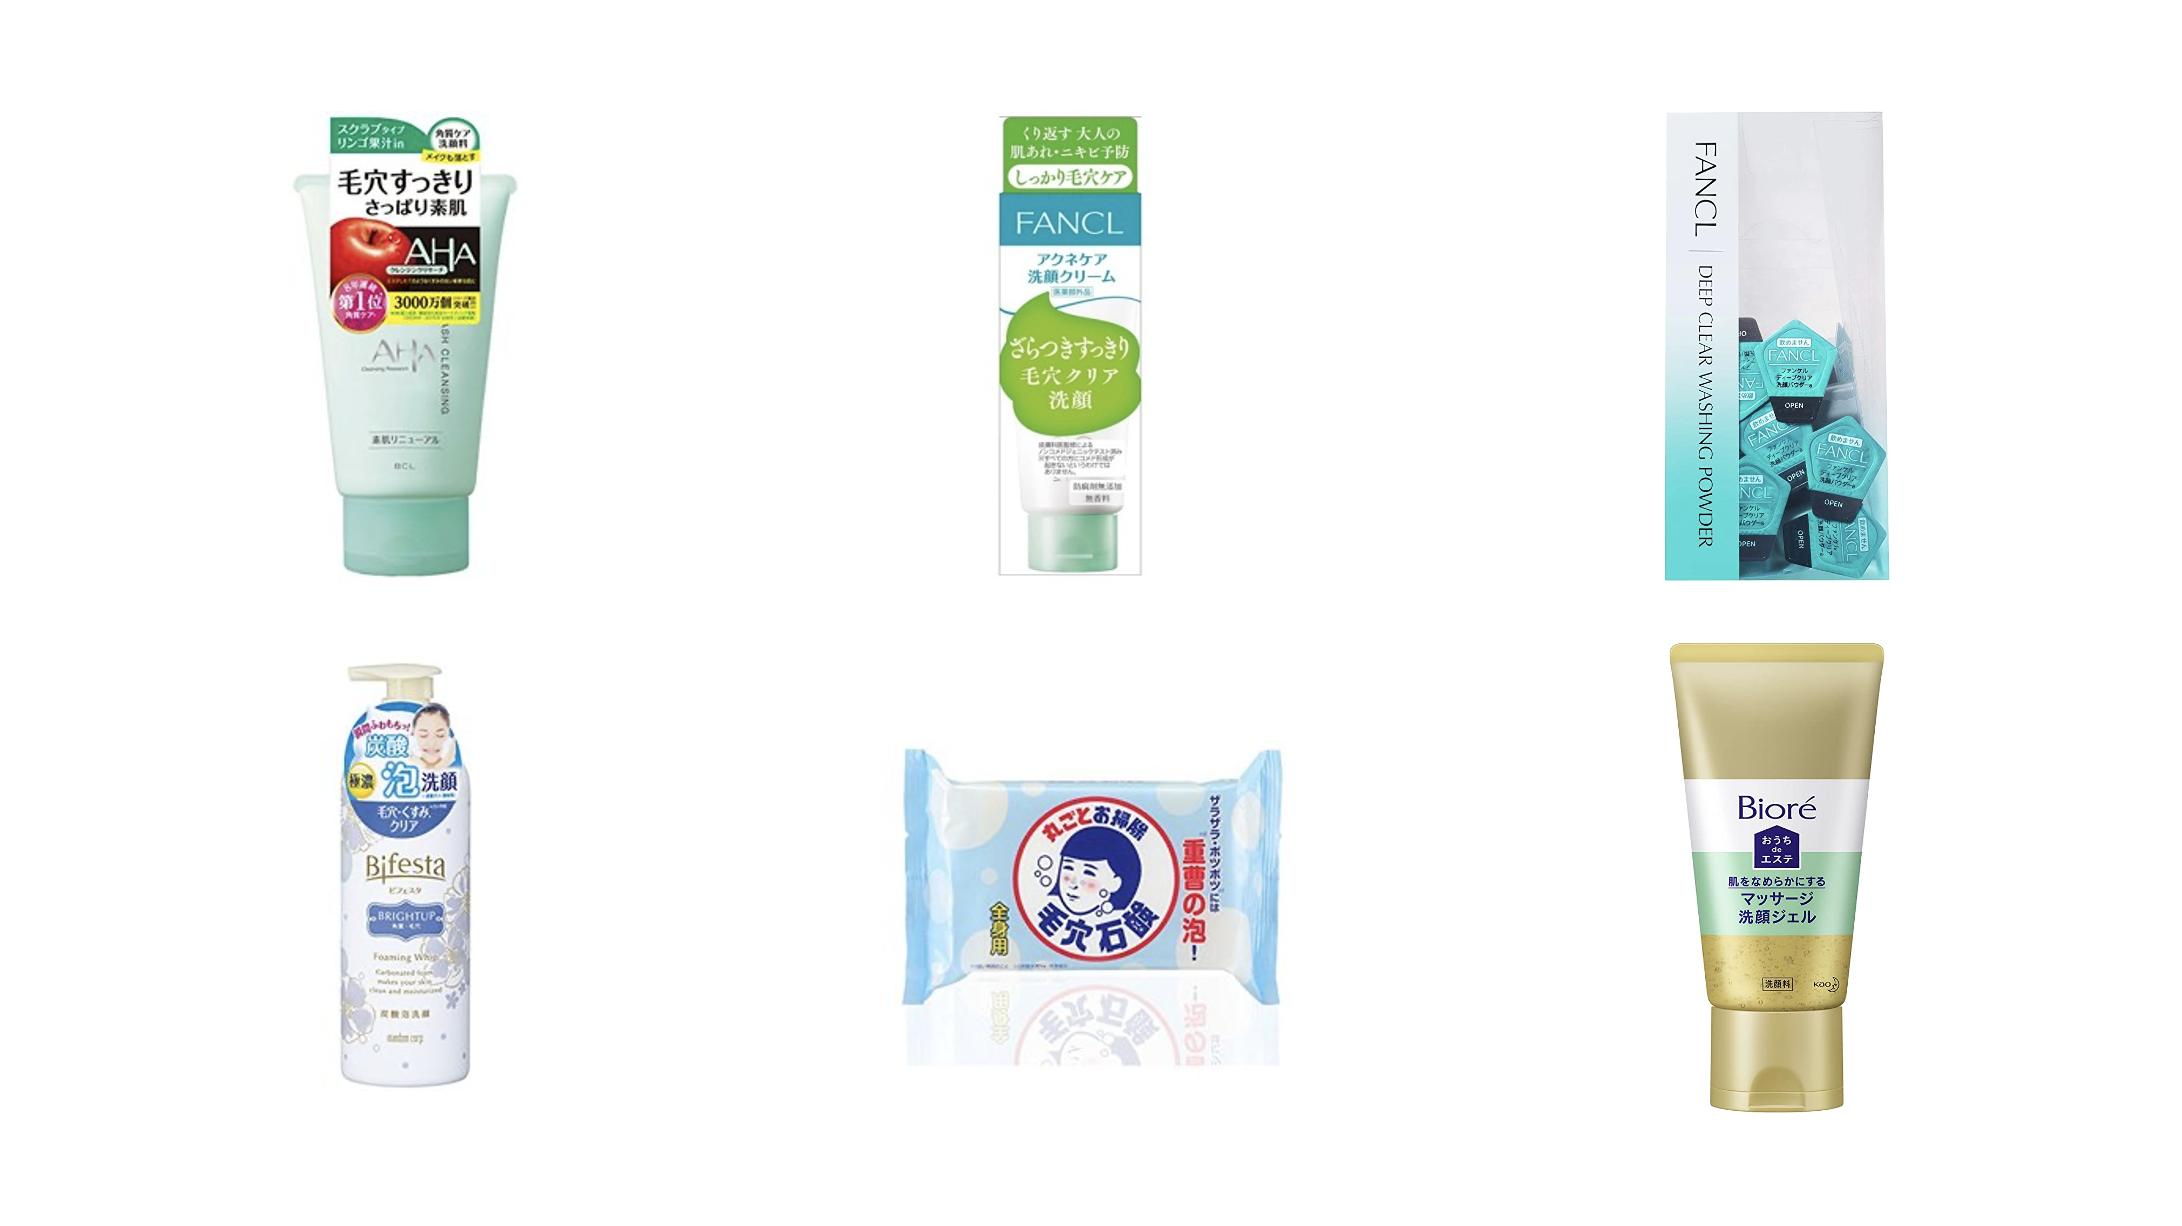 脂性肌向け洗顔料おすすめ人気ランキング13選!洗顔回数や方法など気になる疑問を解決